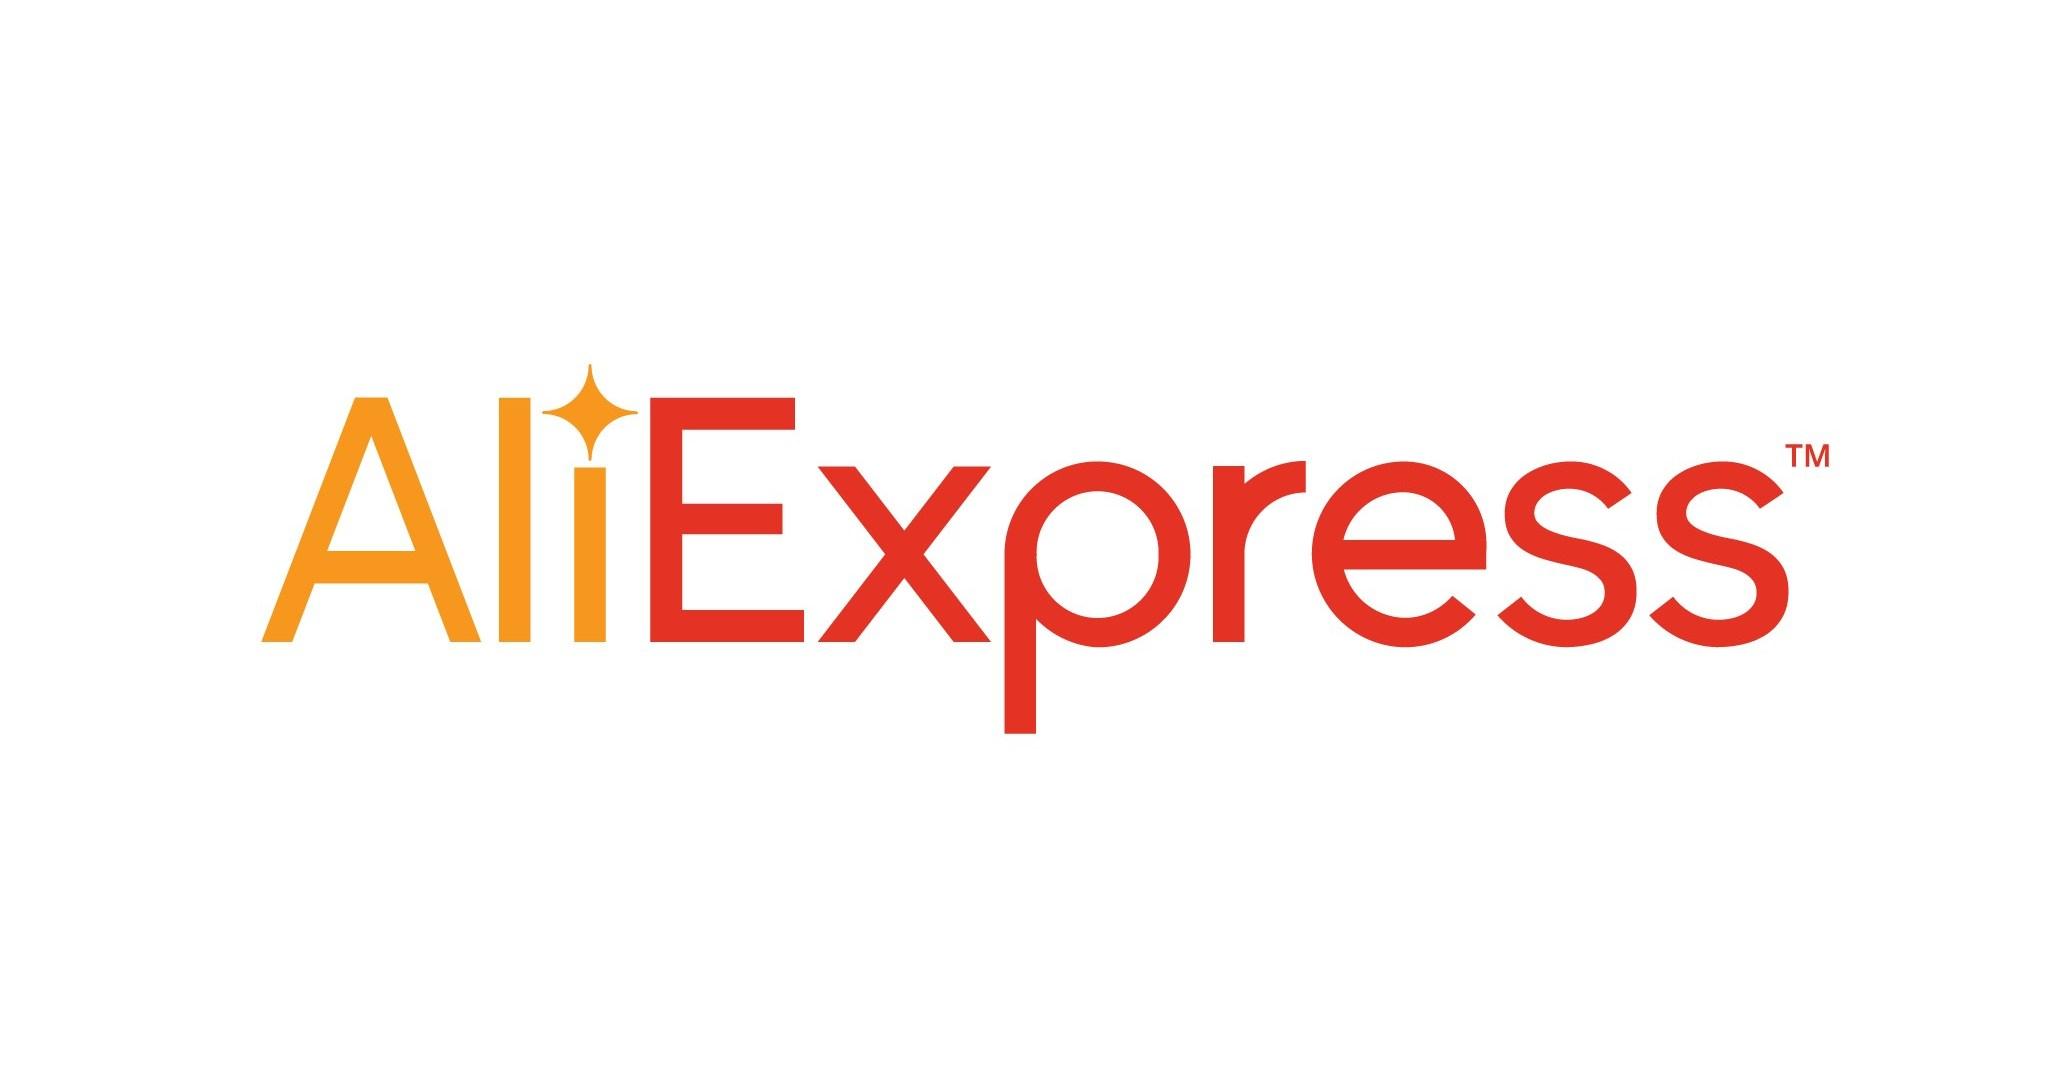 Aliexpress invite